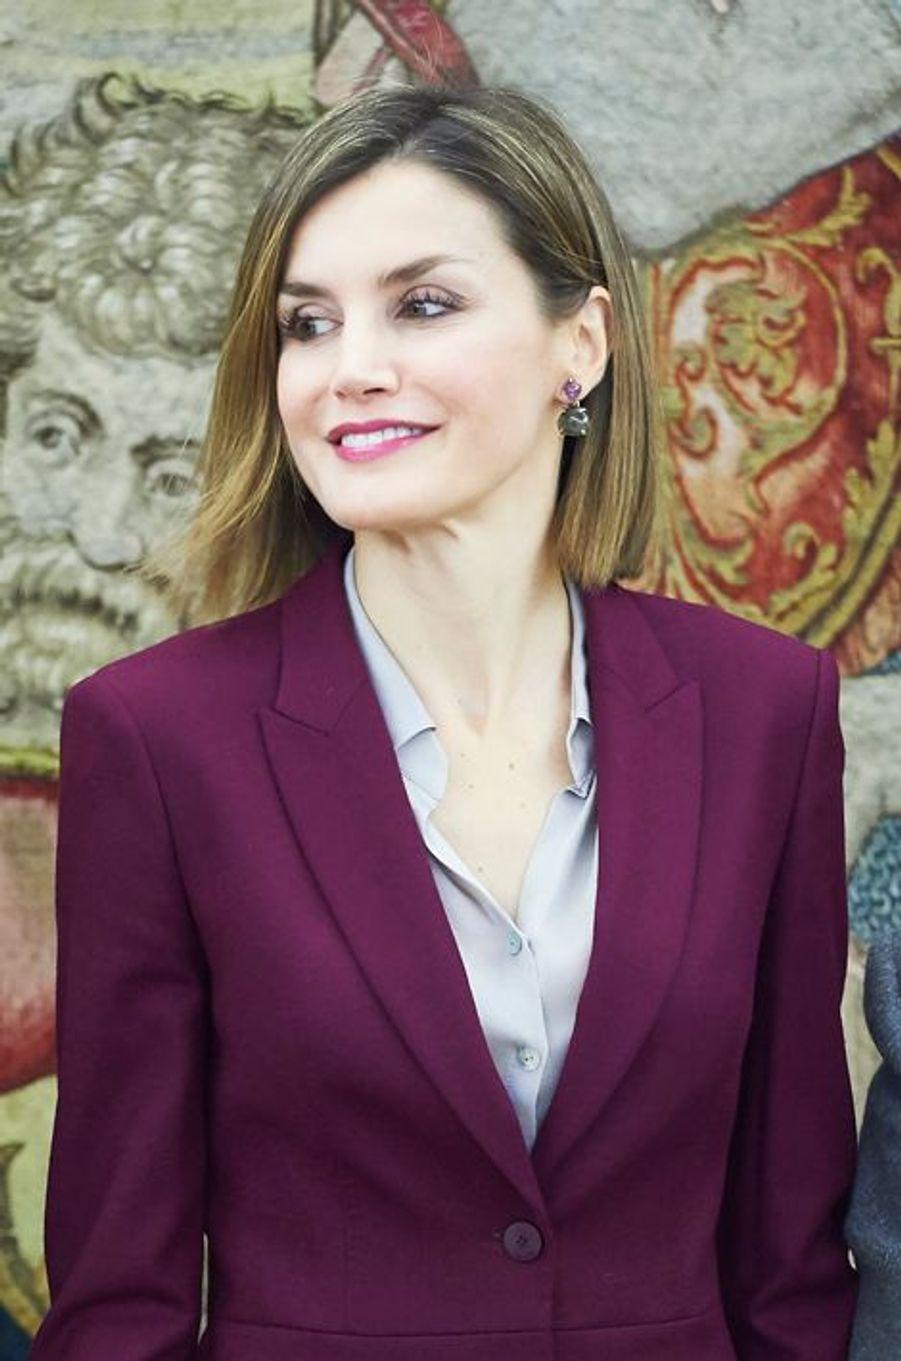 La reine Letizia d'Espagne au Palais de la Zarzuela à Madrid, le 27 octobre 2015